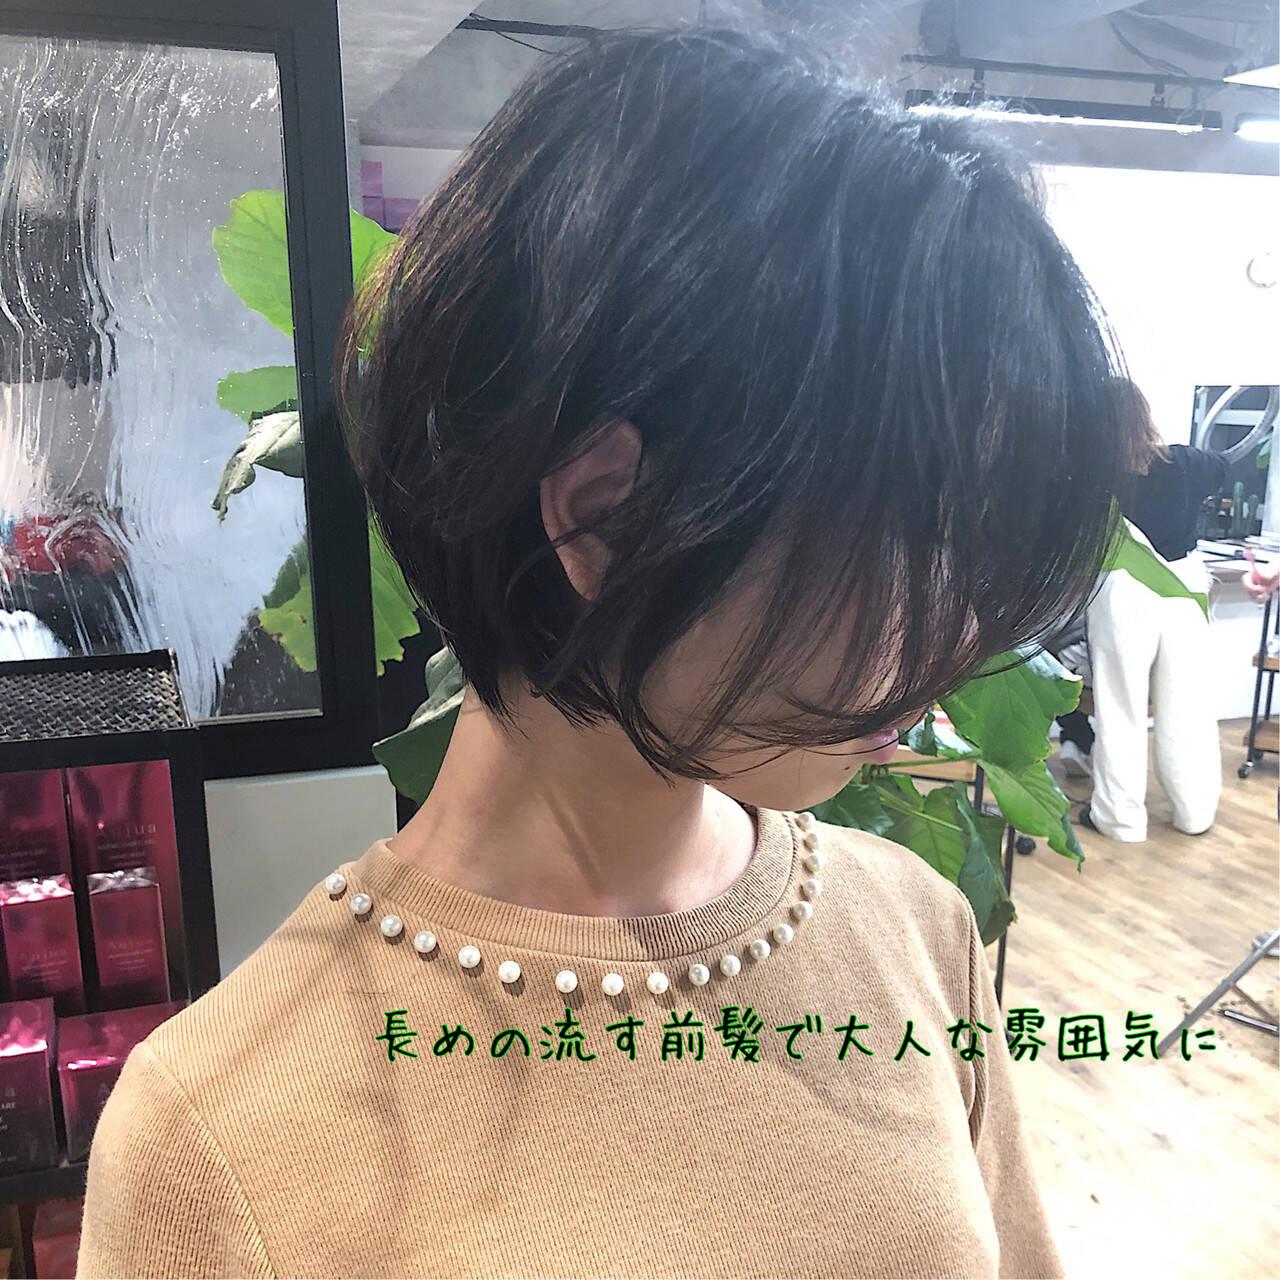 ショートボブ 黒髪 ストレート 縮毛矯正ヘアスタイルや髪型の写真・画像